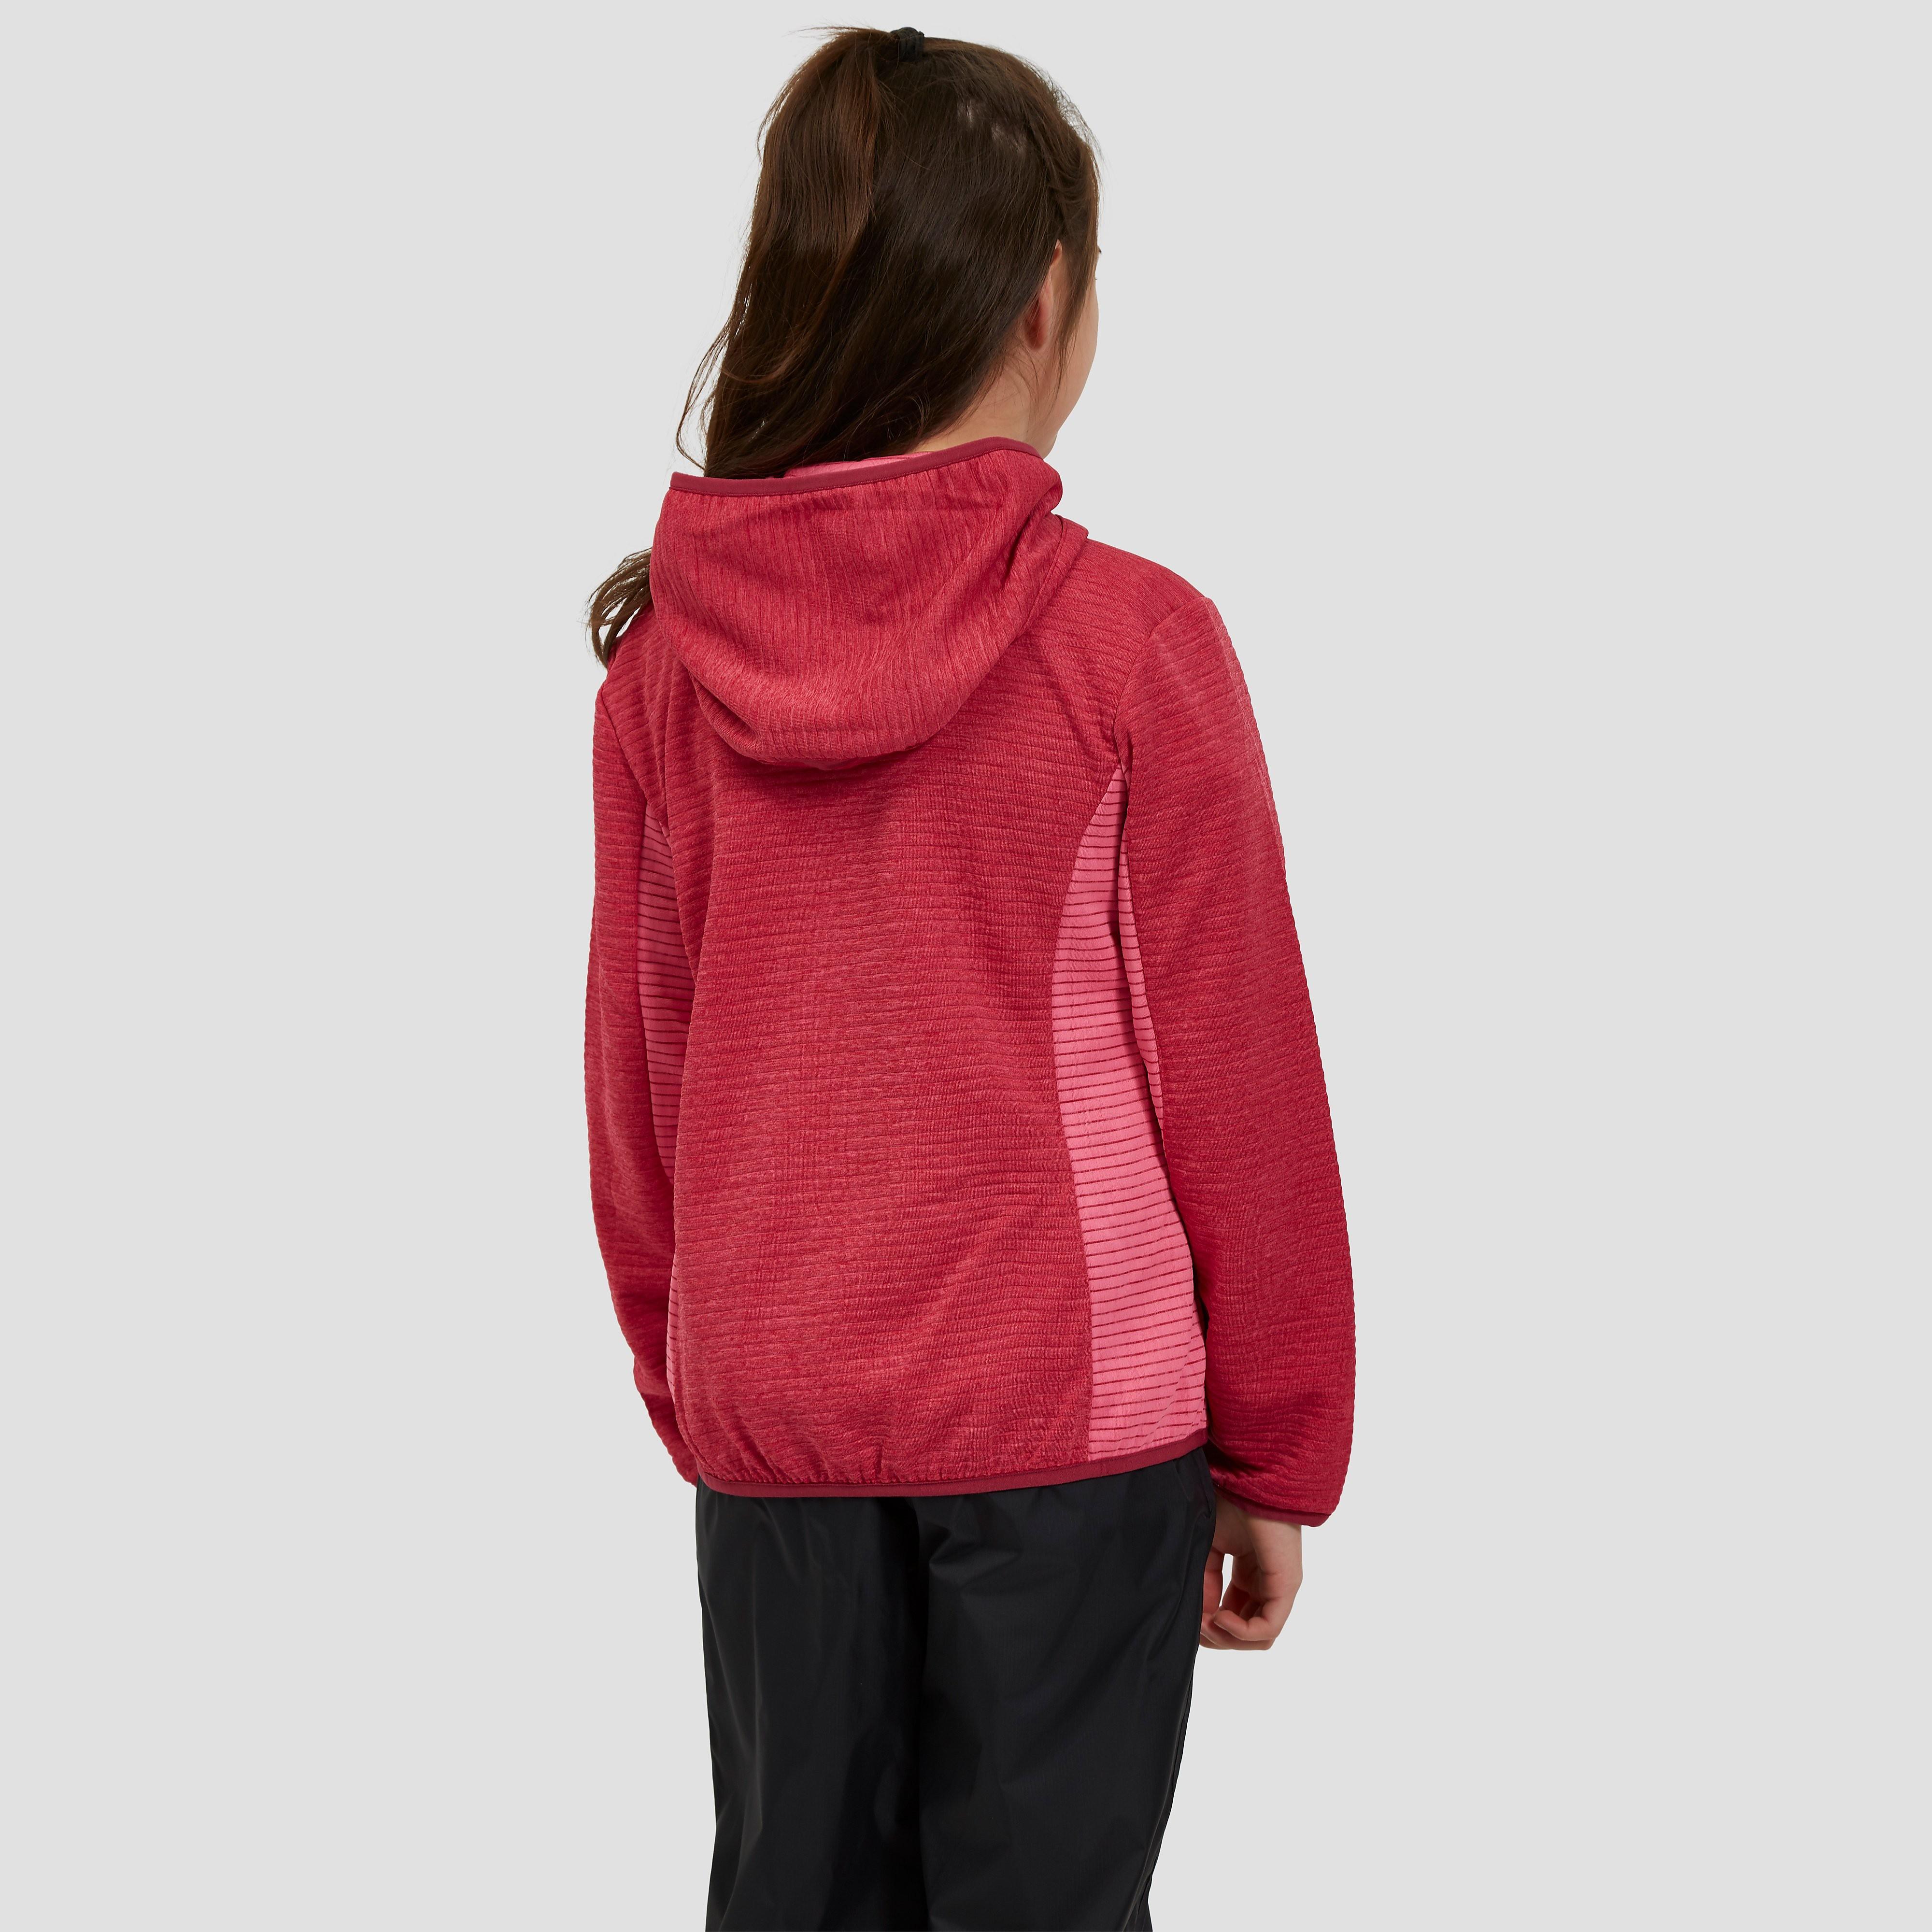 Jack Wolfskin Tongari Junior Fleece Jacket